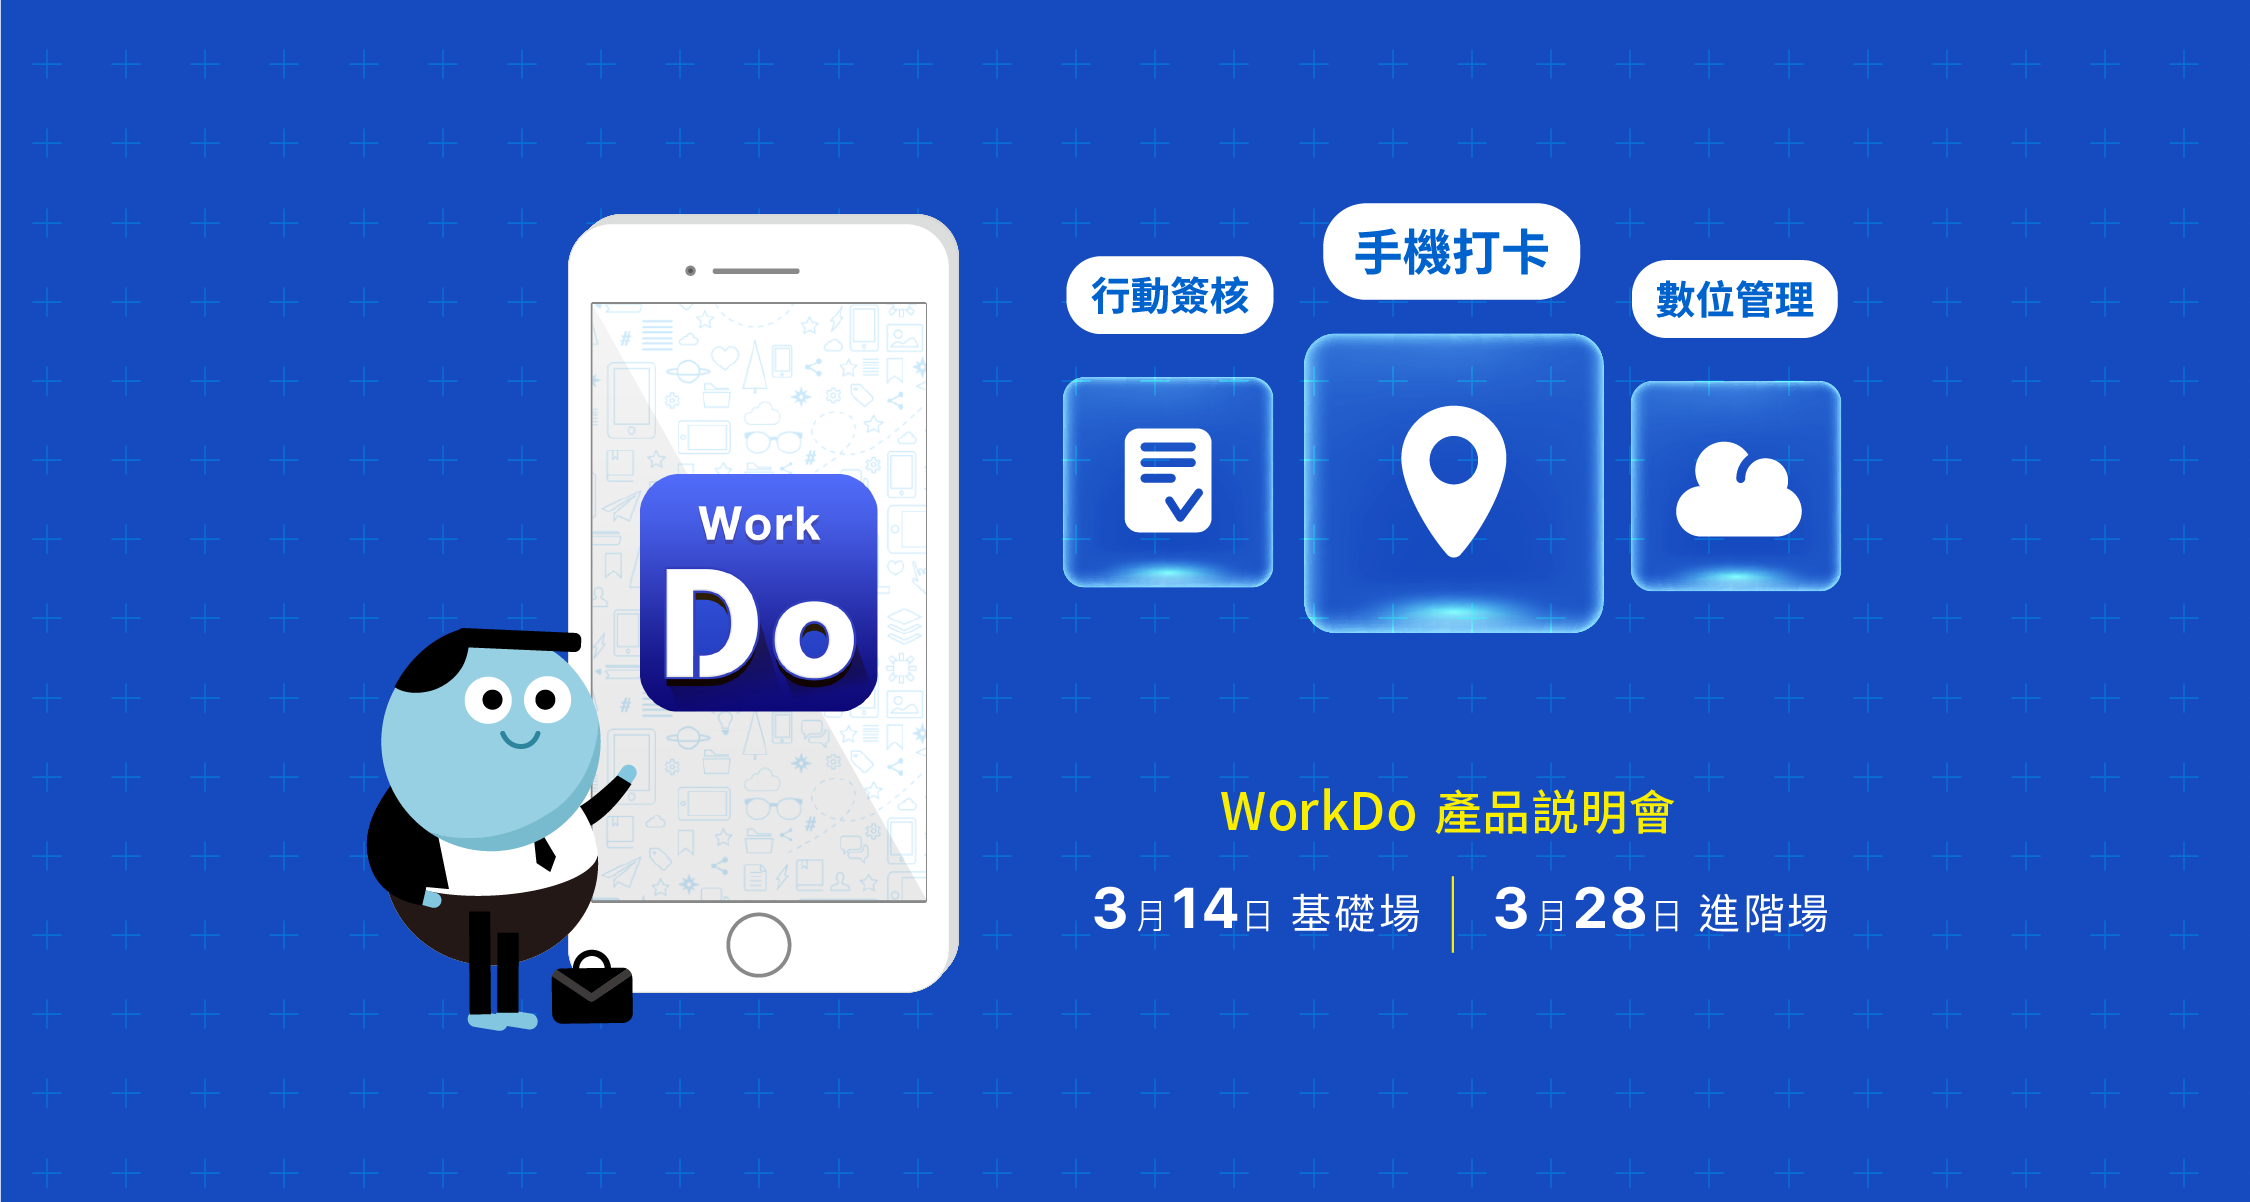 2019三月說明會 WorkDo All-in-One智慧行動辦公應用 企業說明會